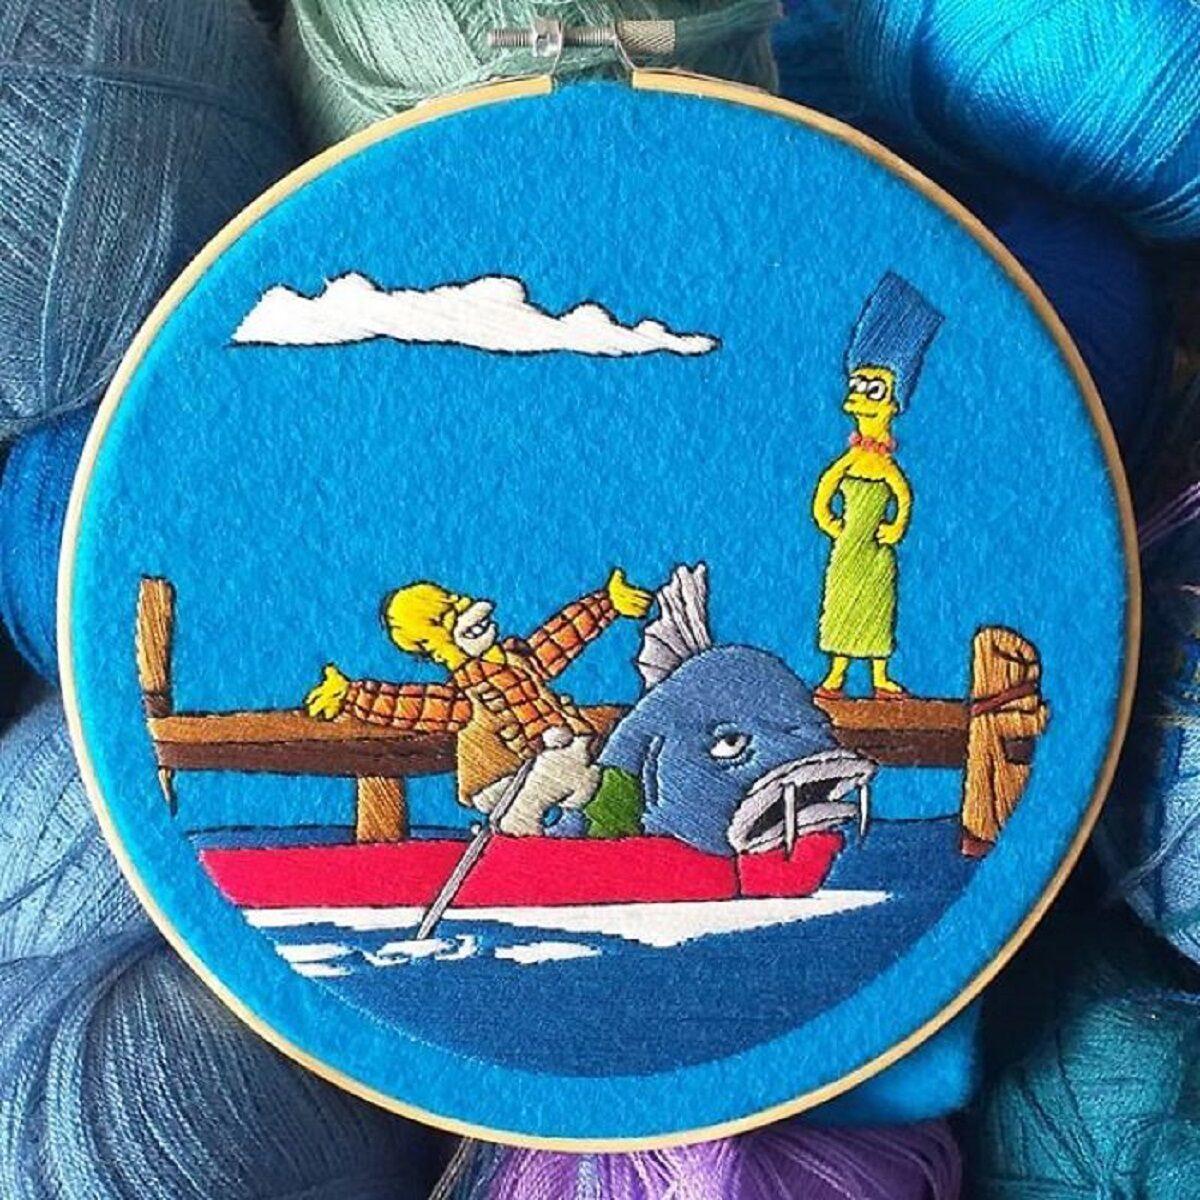 Artista Gabriela Martinez cria bordados de cenas de Os Simpsons 12